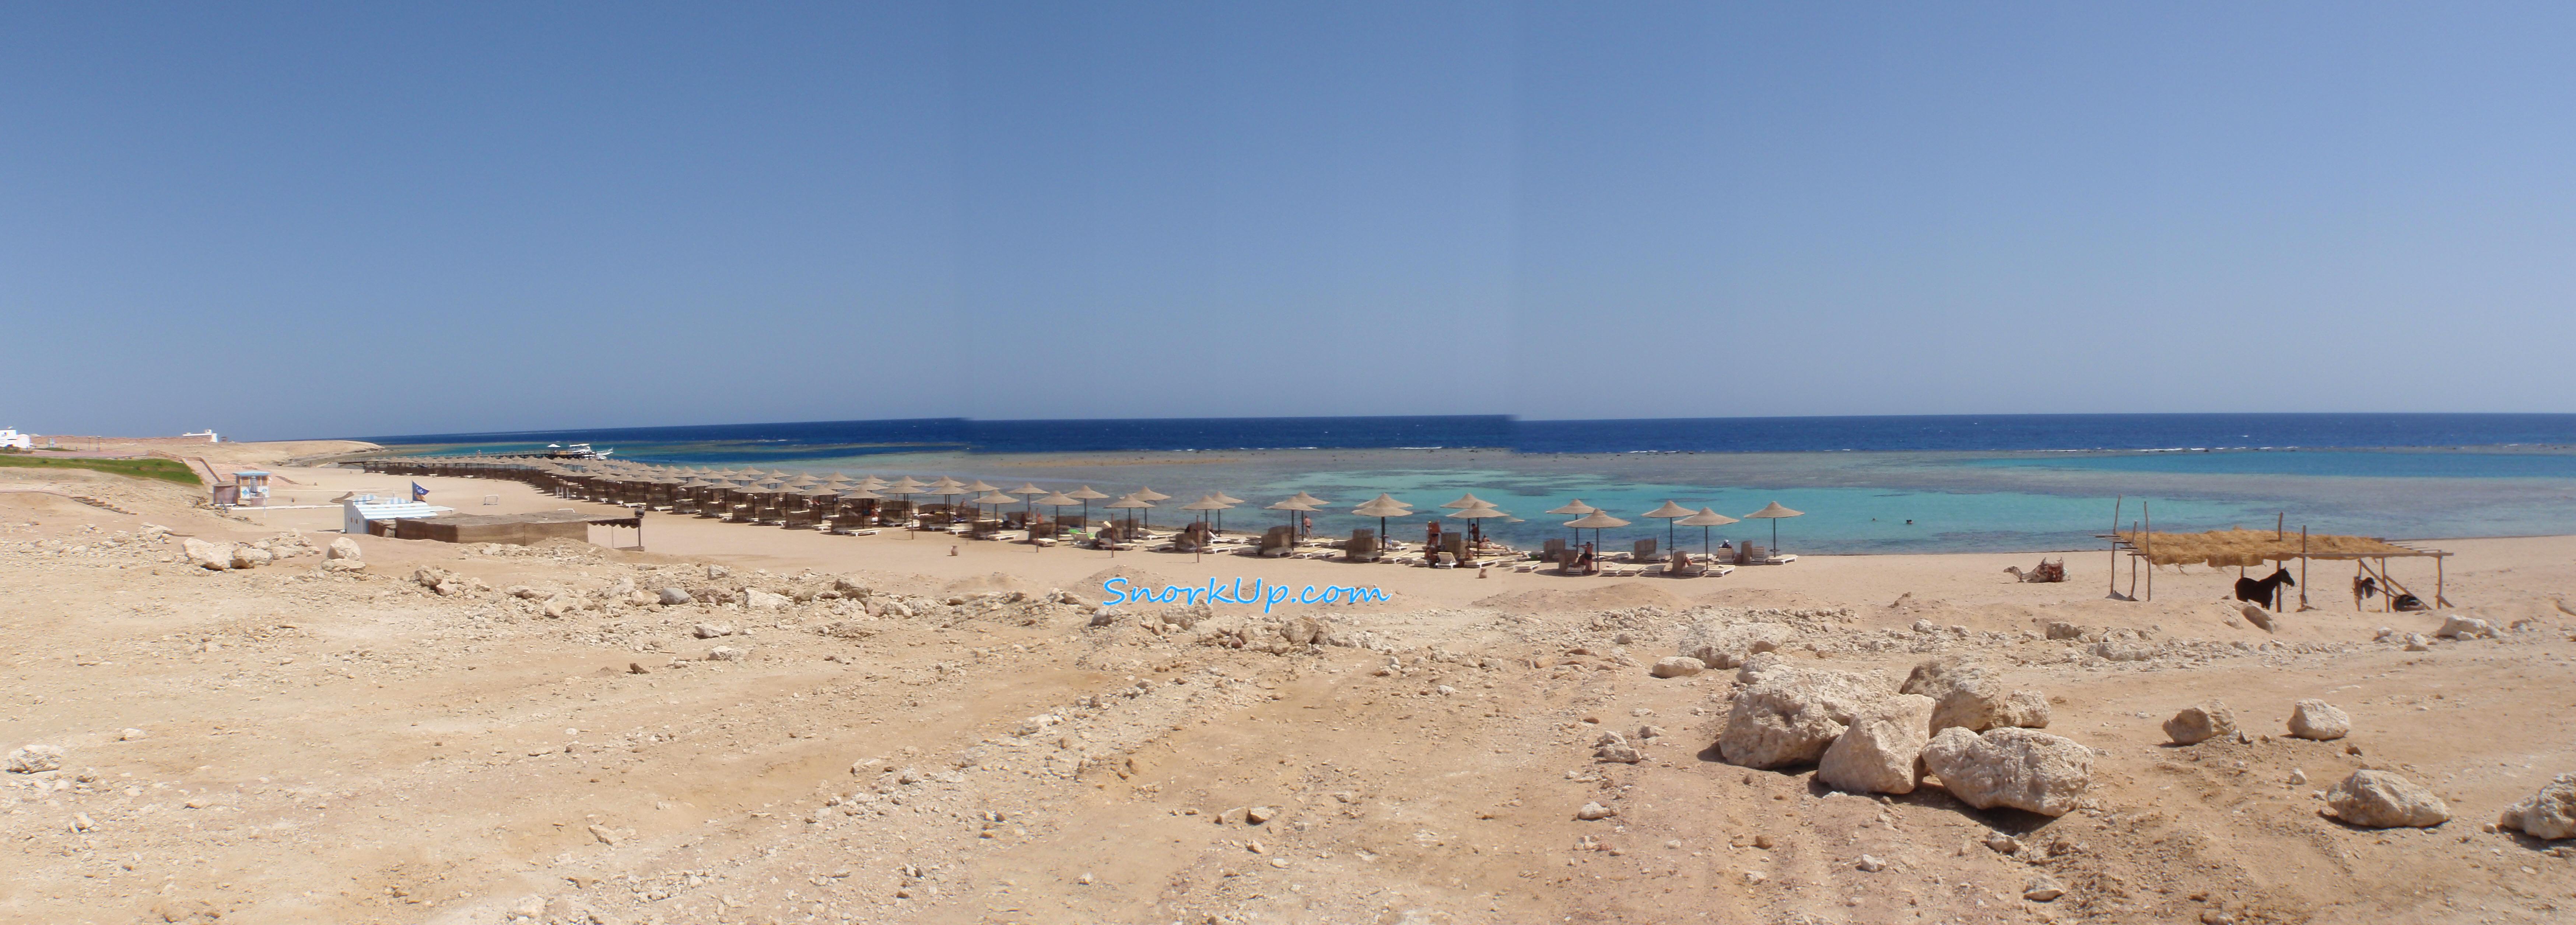 """Панорама пляжа Fantazia Resort. Чуть правее средины - """"домашняя"""" лагуна, еще правее - начало соседней лагуны, вдалеке слева виден катер у пирса."""